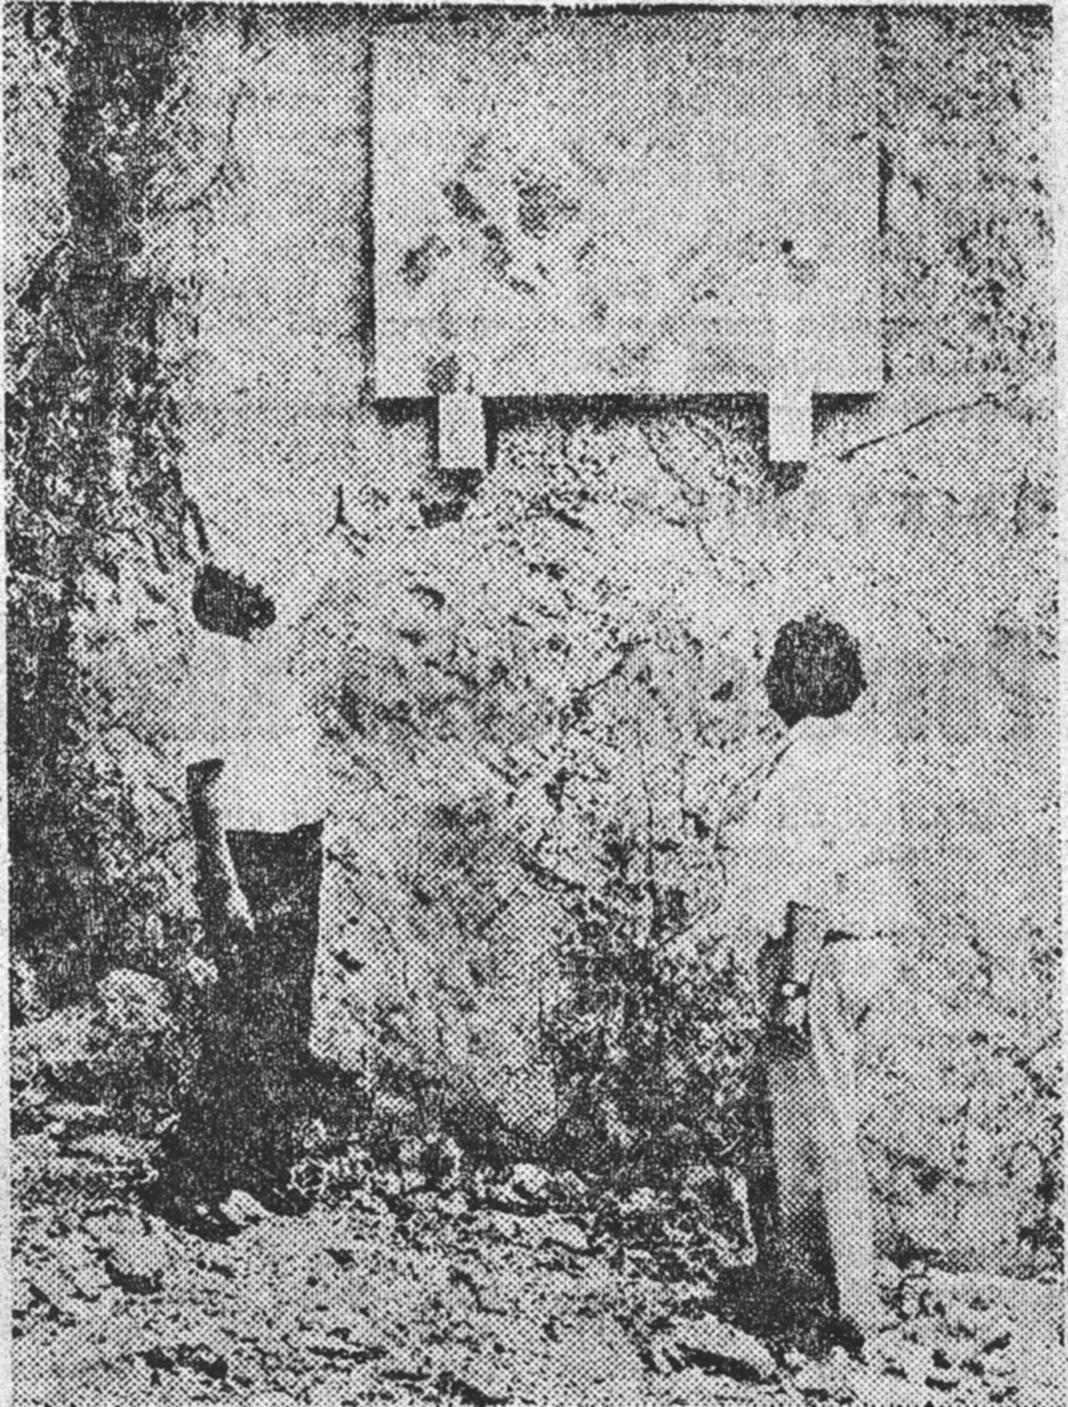 Спомен плоча у ували Слана постављена 1975 - уклоњена за протеклог рата